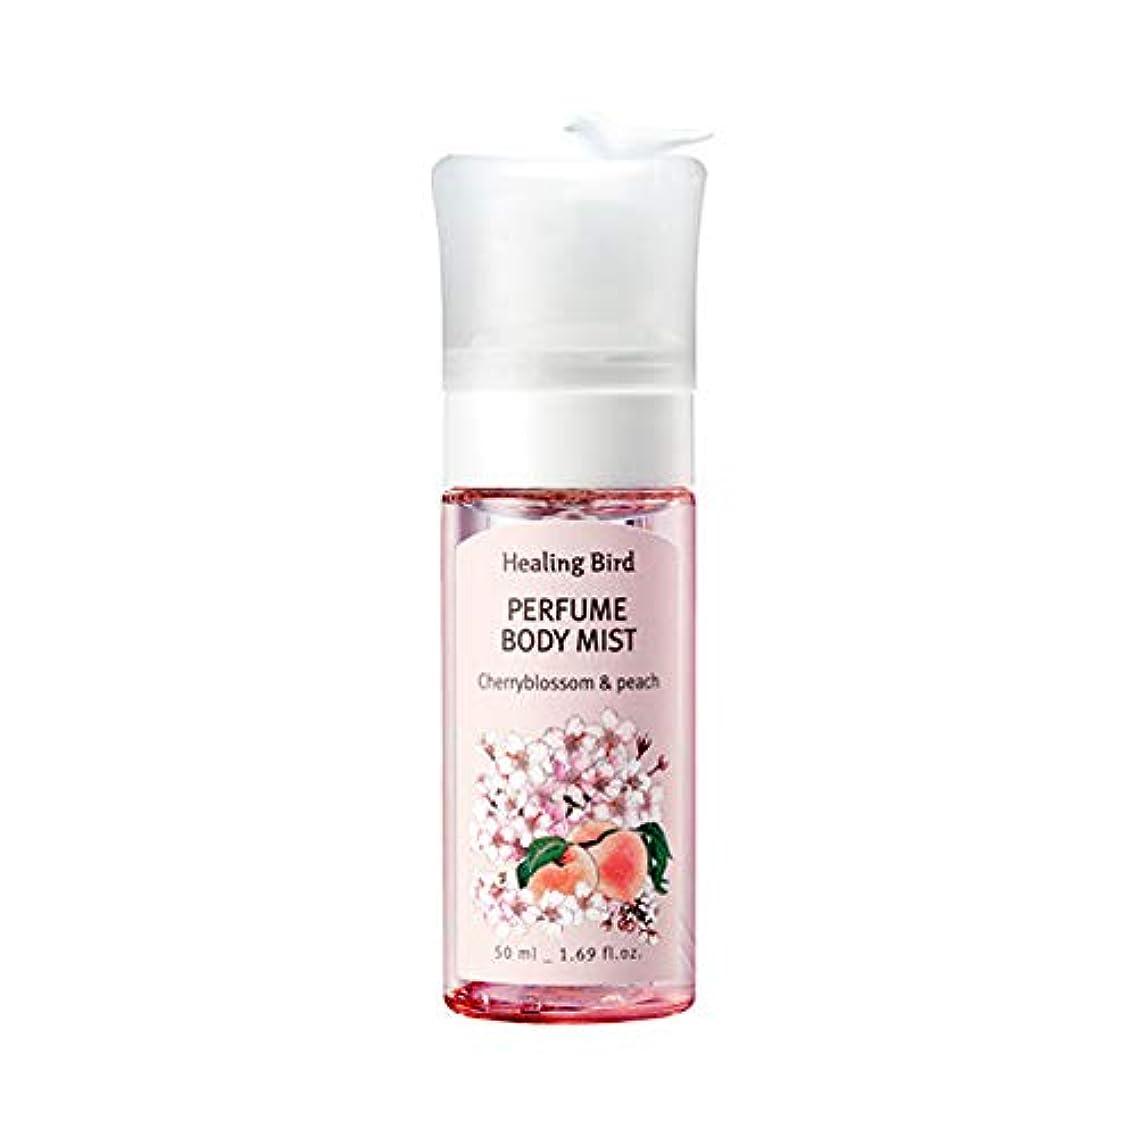 情熱的敵意シェルHealing Bird Perfume Body Mist 50ml パヒュームボディミスト (Cherry Blossom & Peach) [並行輸入品]